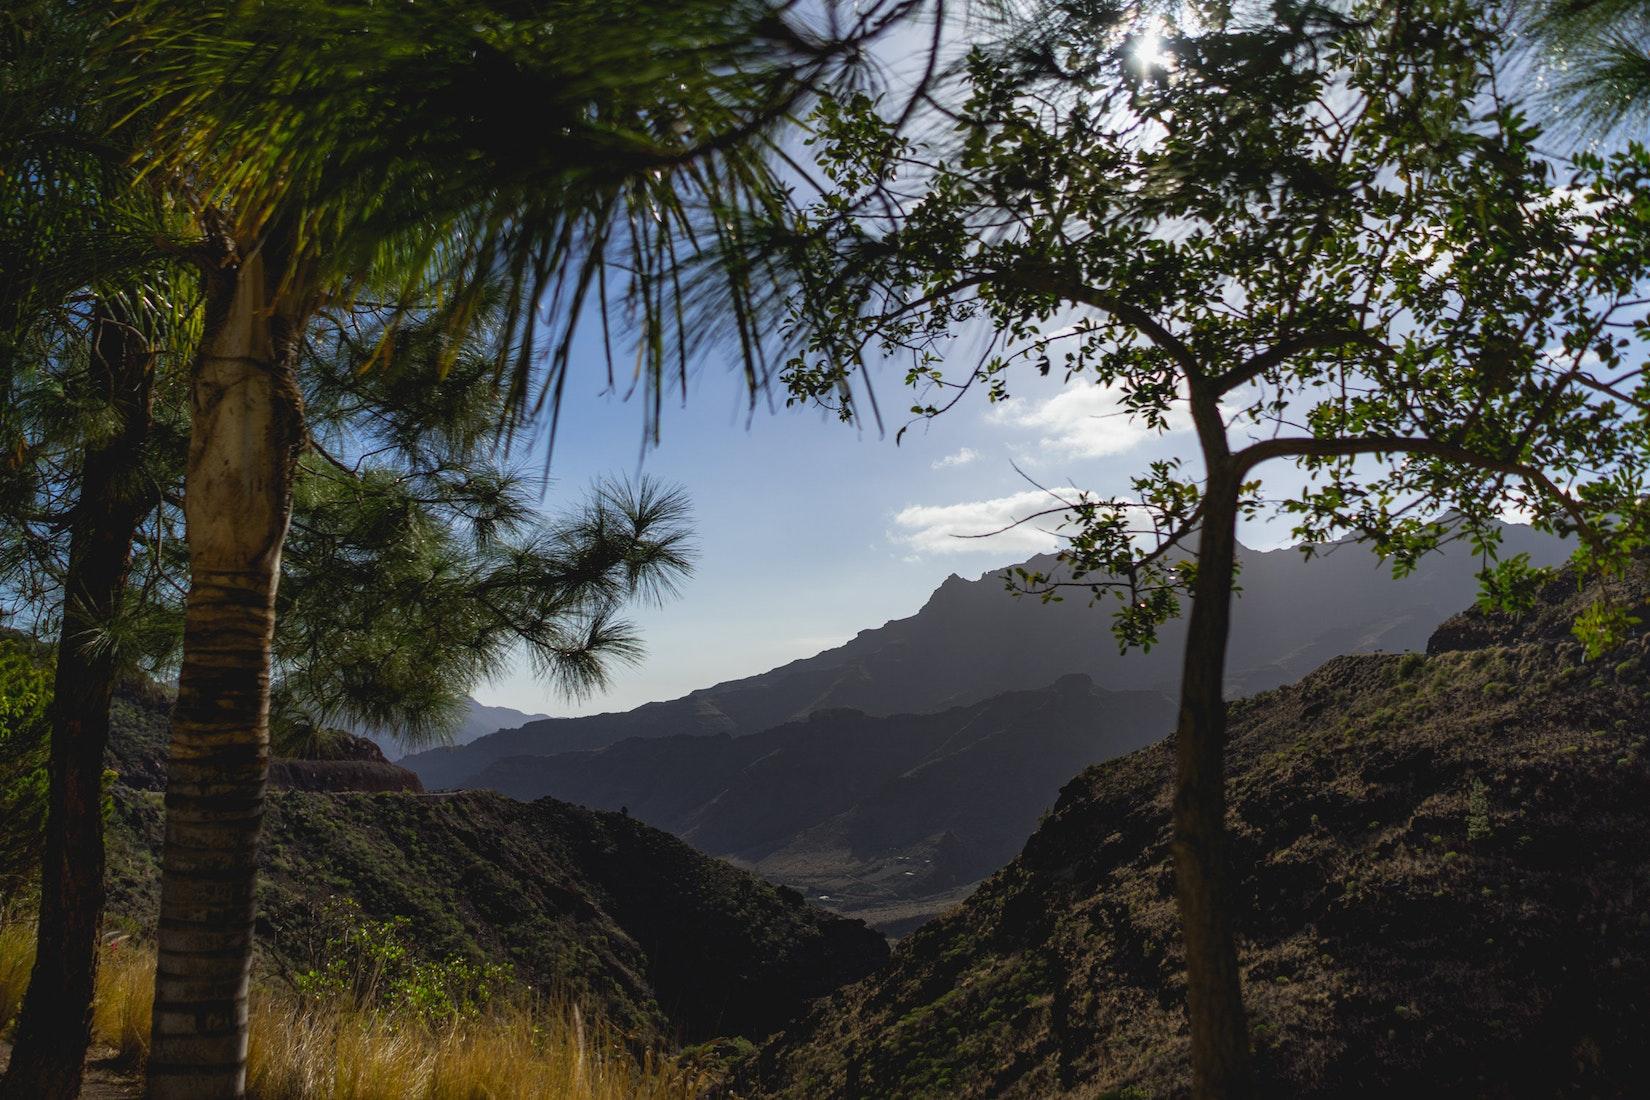 Landscape in Gran Canaria, Canary Islands